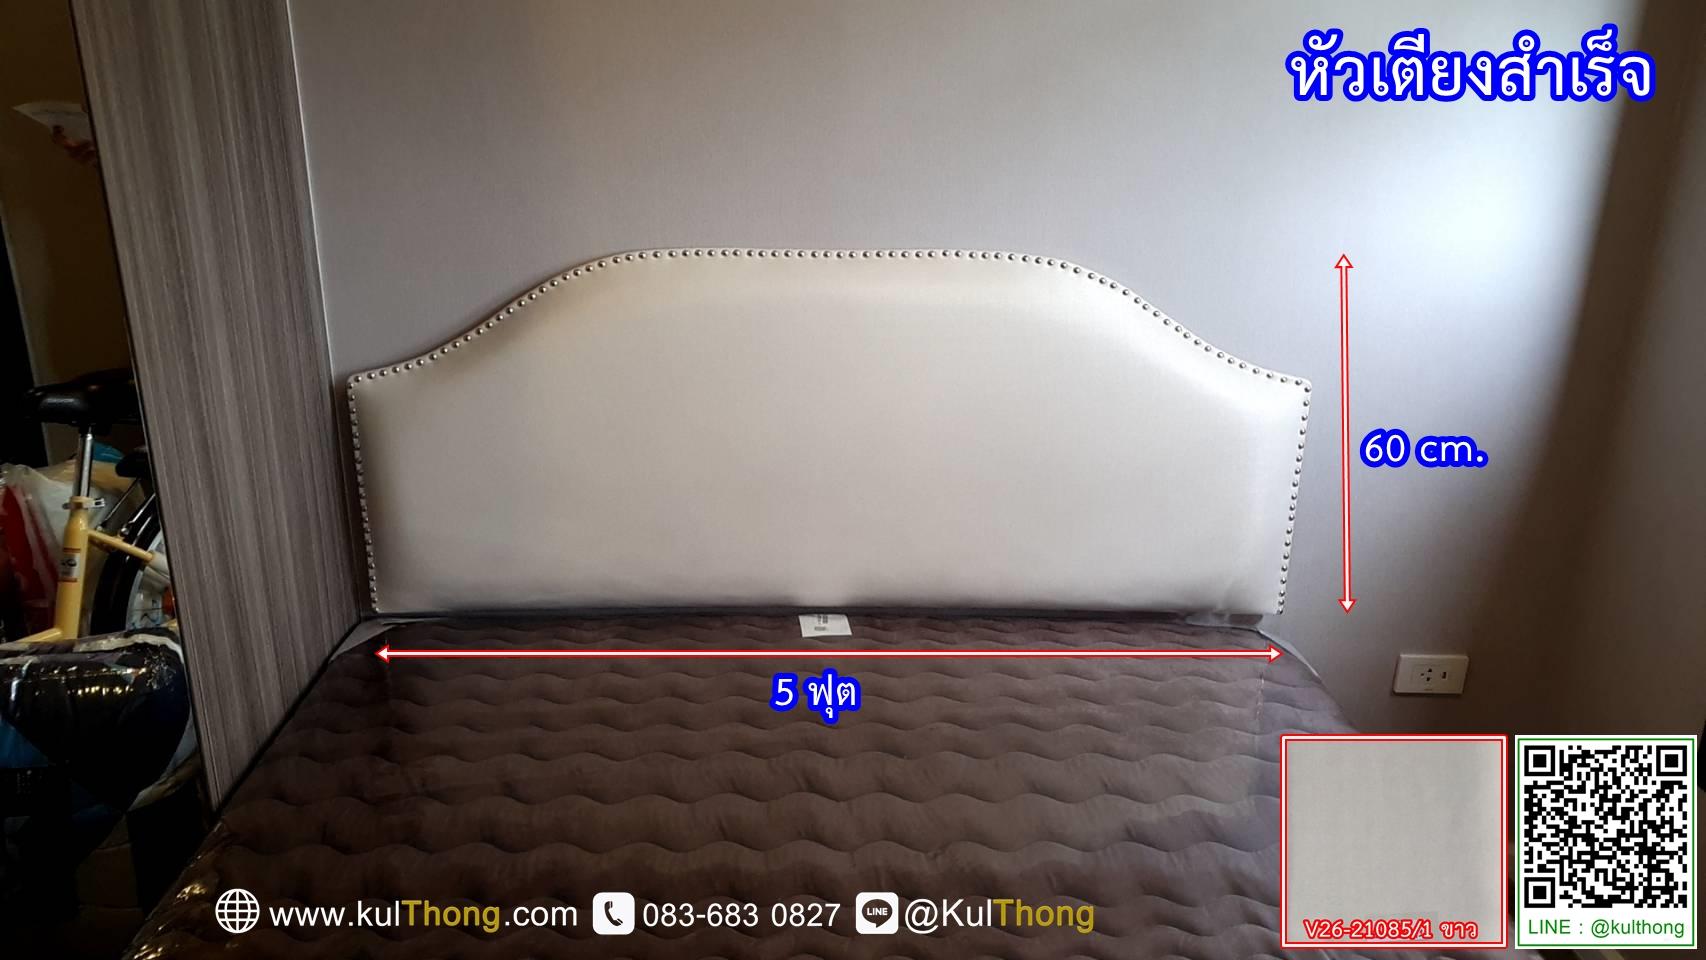 หัวเตียงแขวนผนัง หัวเตียงสำเร็จ หัวเตียงตอกหมุด หัวเตียง 5 ฟุต